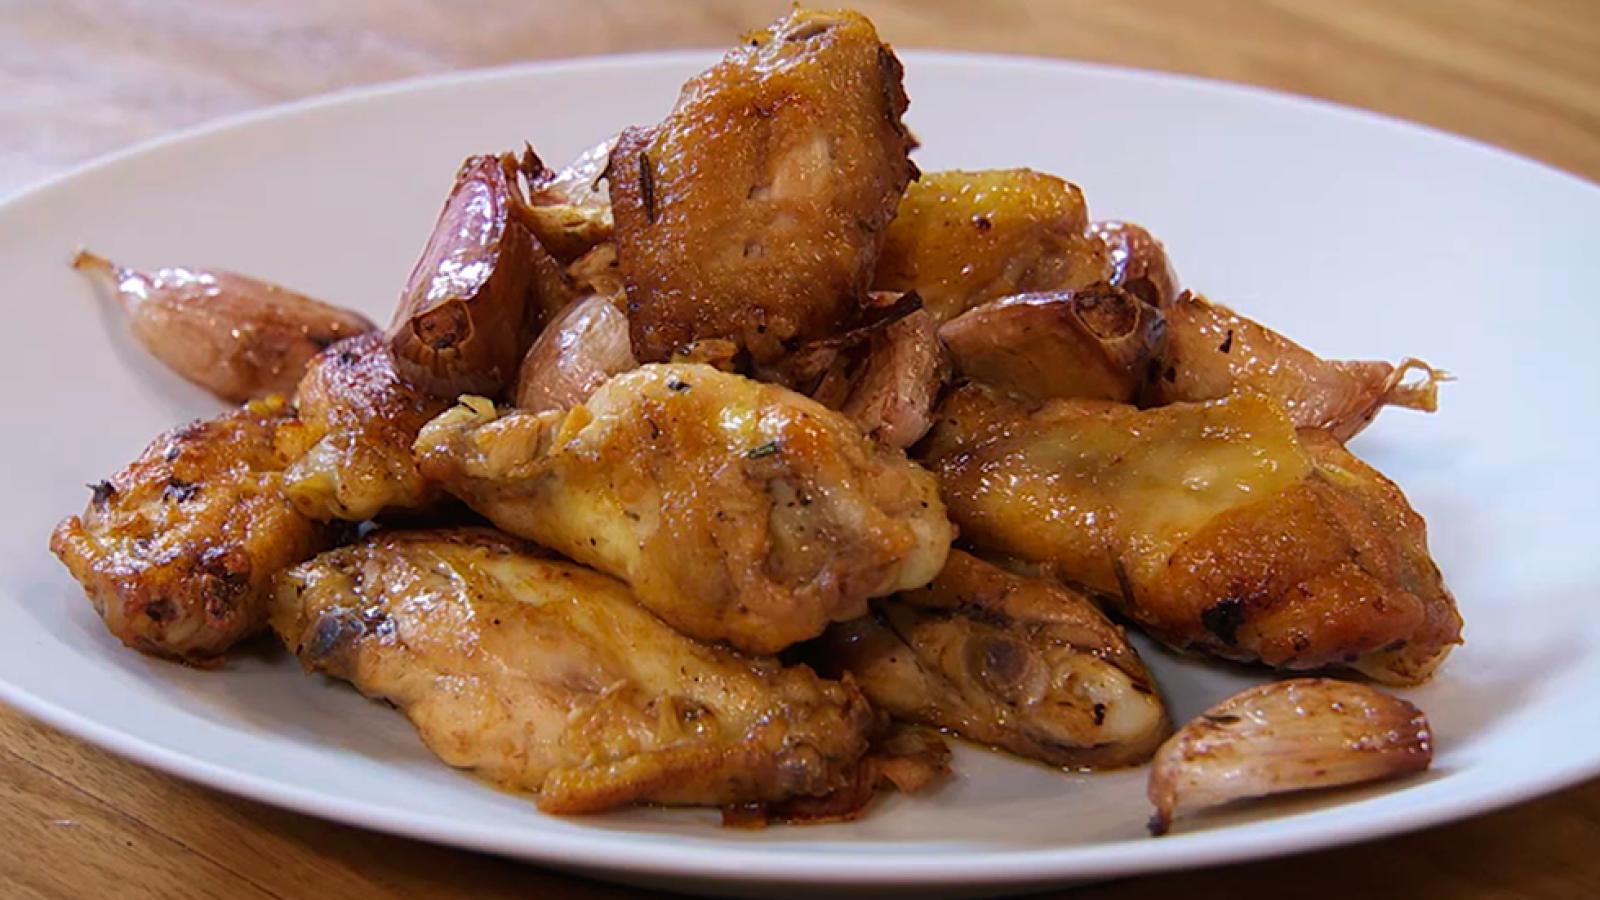 Torres En La Cocina Receta De Alitas De Pollo A Los 100 Ajos